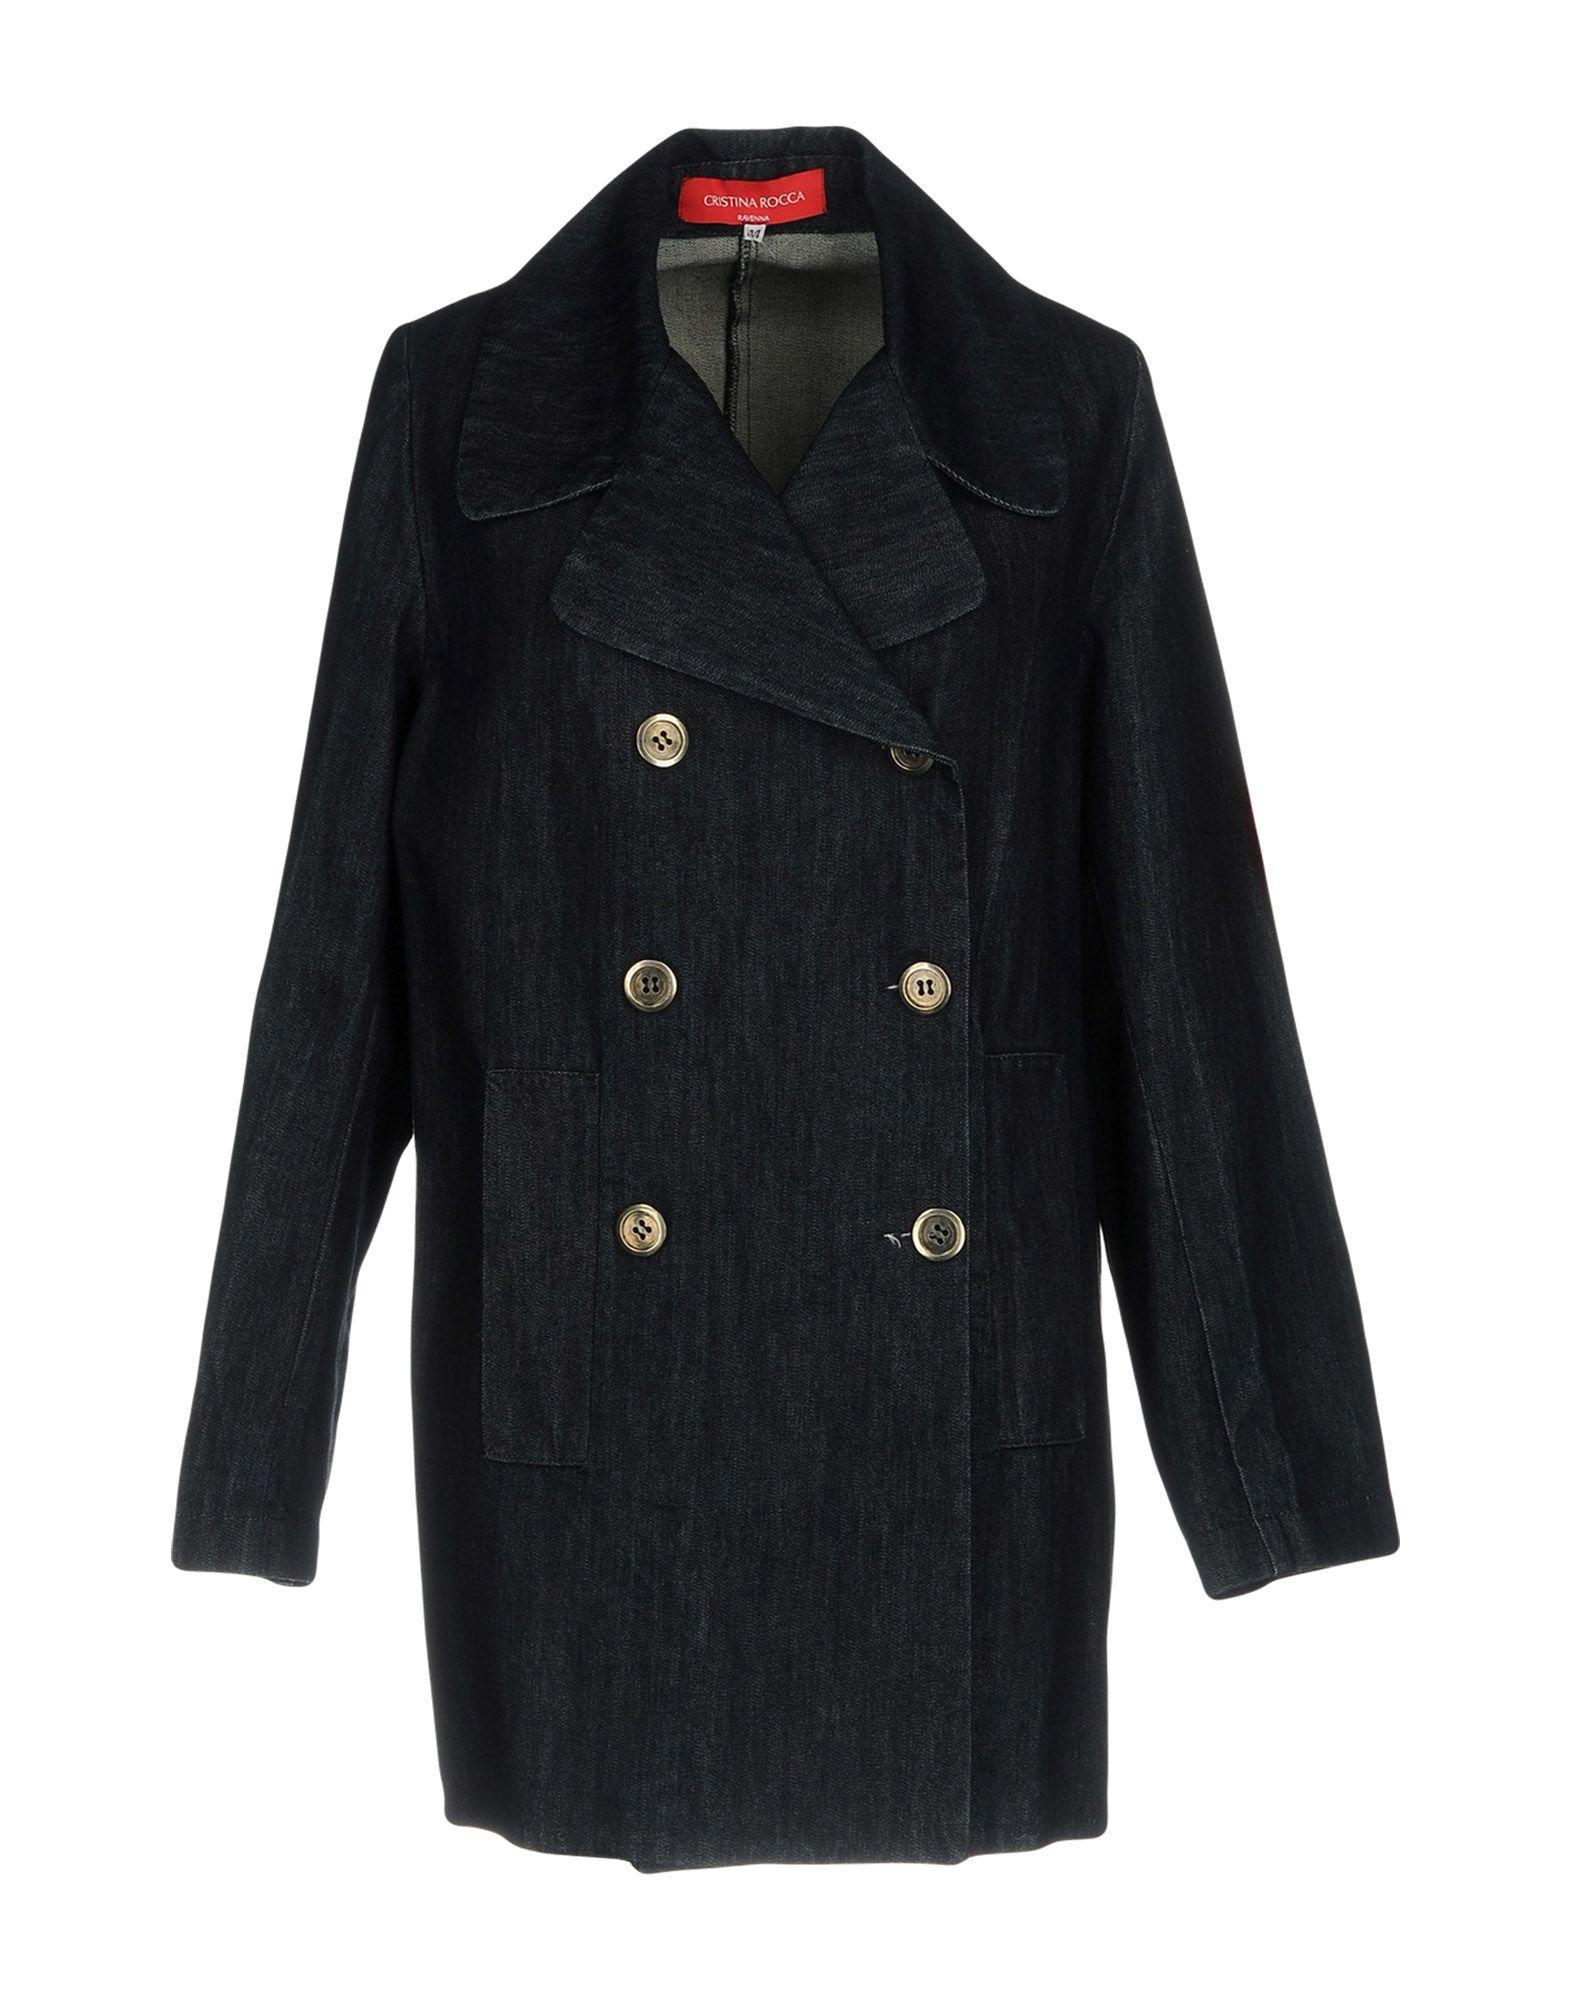 CRISTINA ROCCA Джинсовая верхняя одежда wood wood джинсовая верхняя одежда